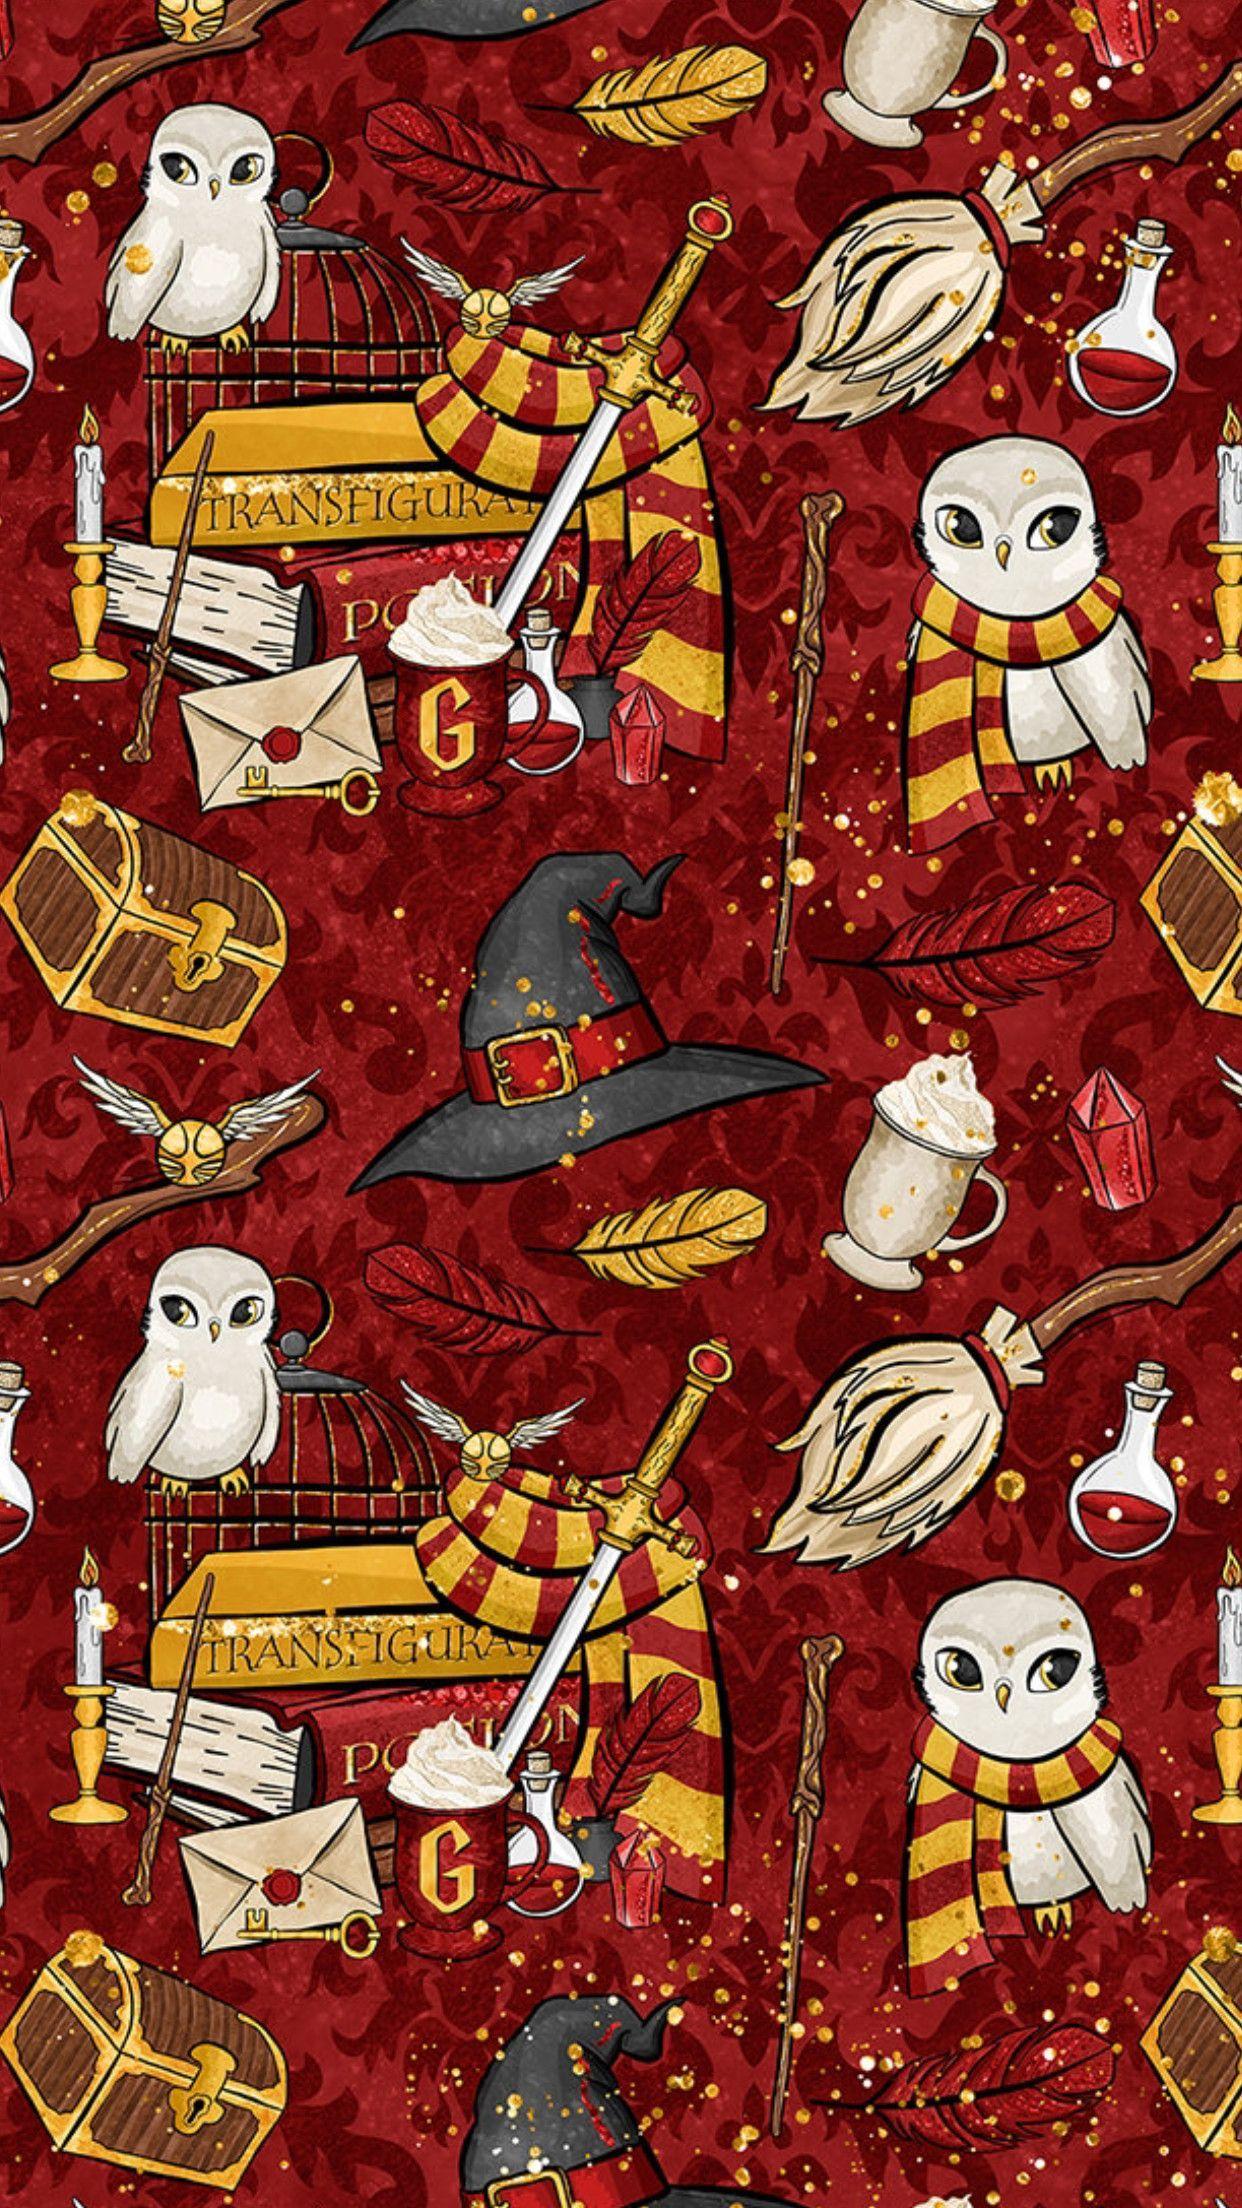 Harry potter halloween wallpapers top free harry potter - Best harry potter wallpapers ...